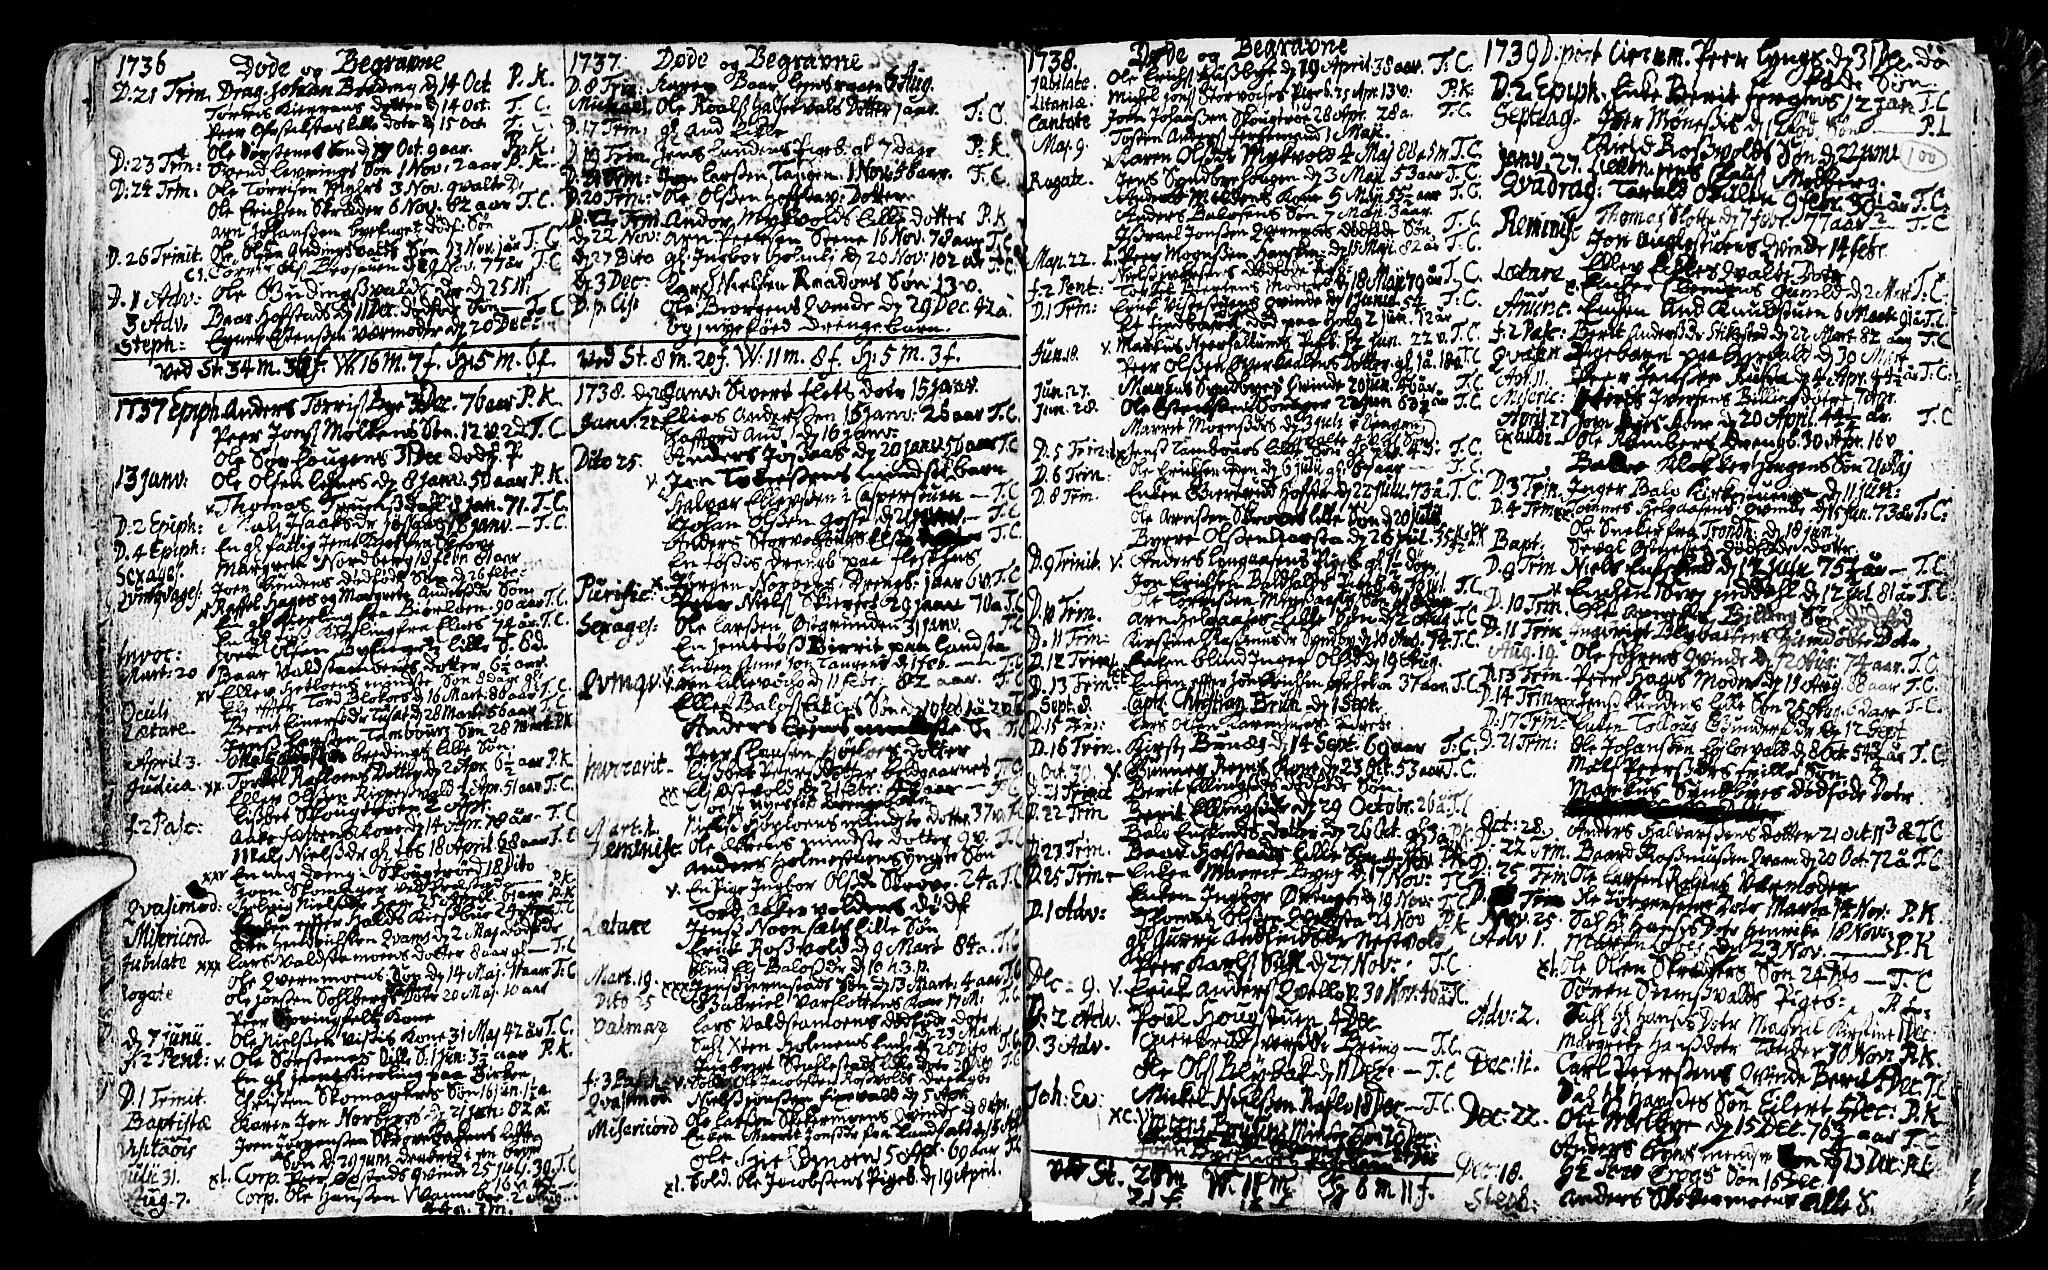 SAT, Ministerialprotokoller, klokkerbøker og fødselsregistre - Nord-Trøndelag, 723/L0230: Ministerialbok nr. 723A01, 1705-1747, s. 100